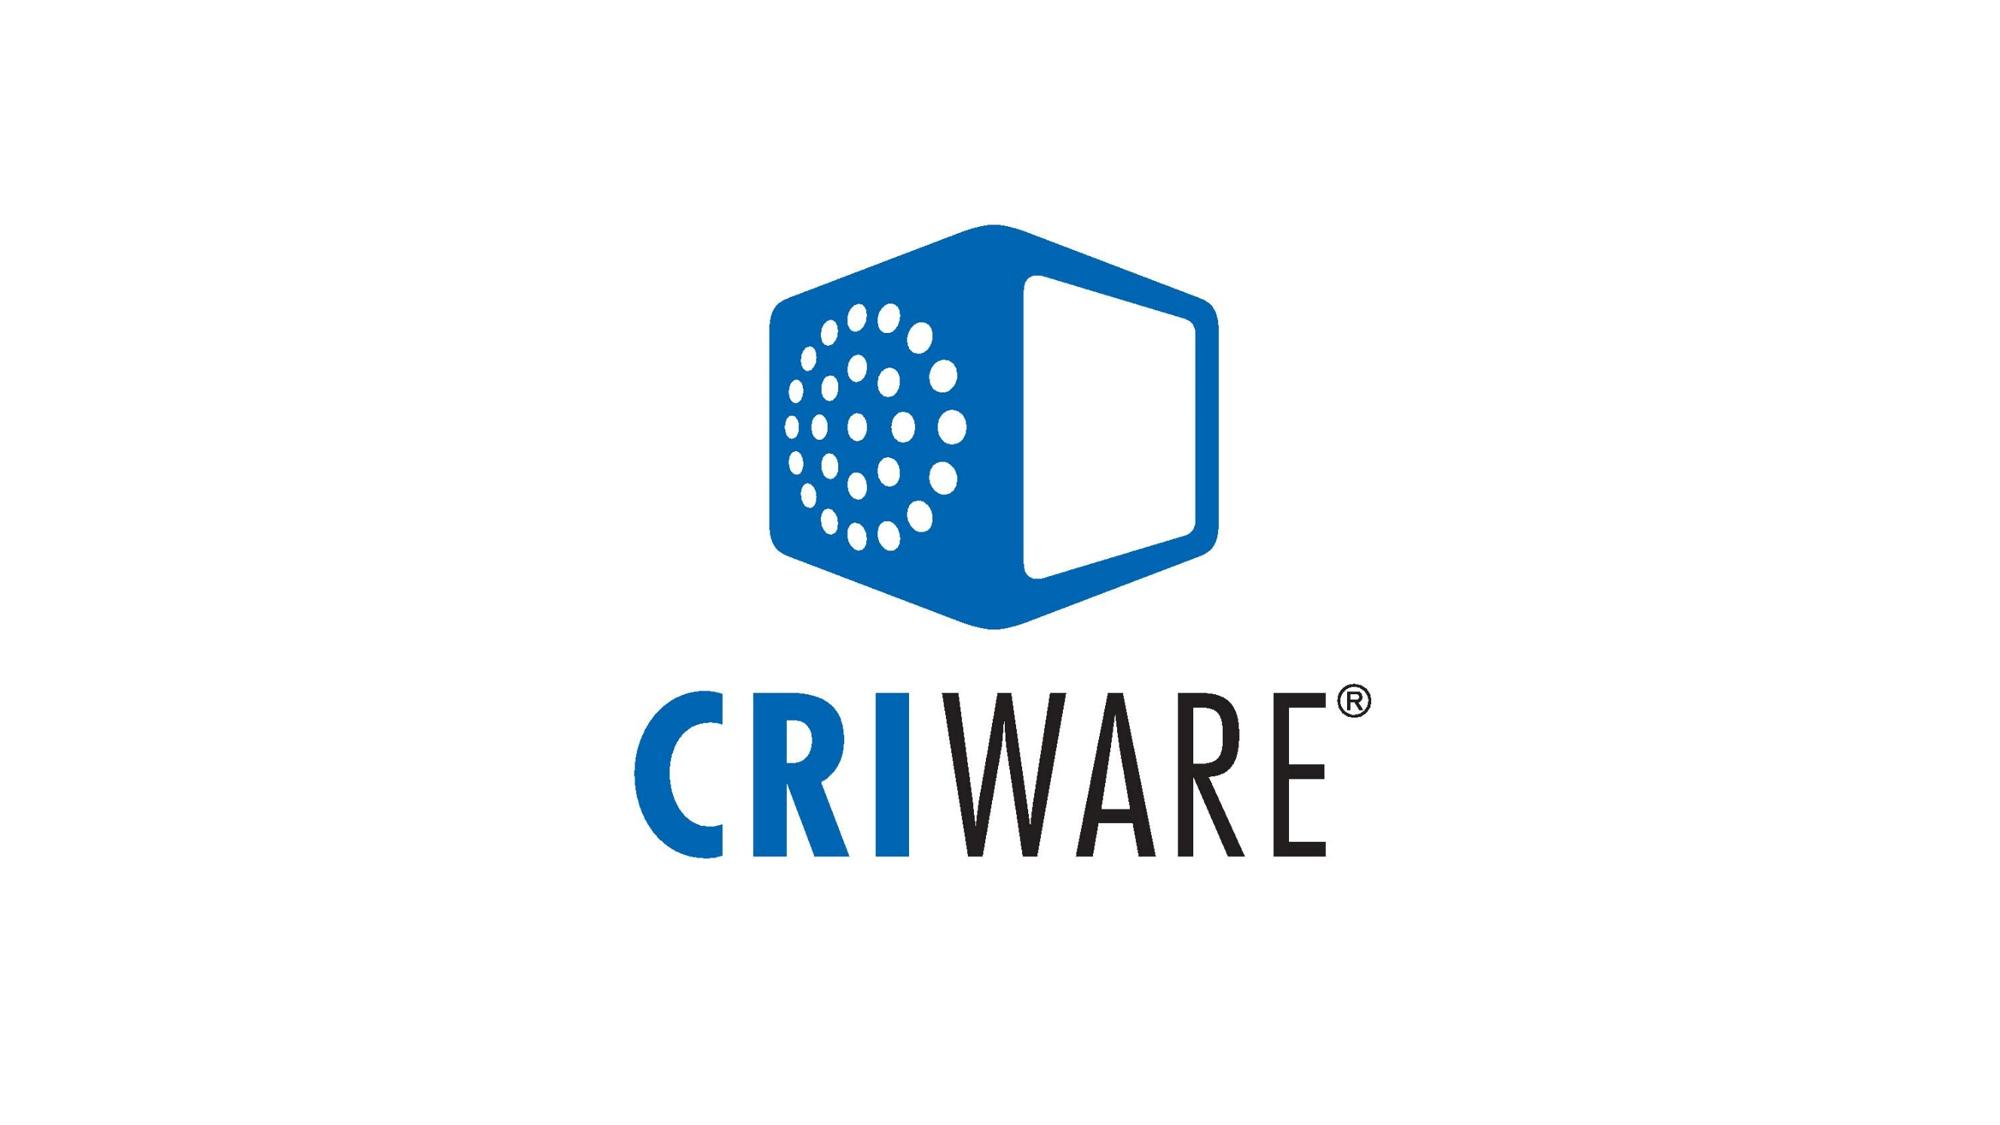 criware.png